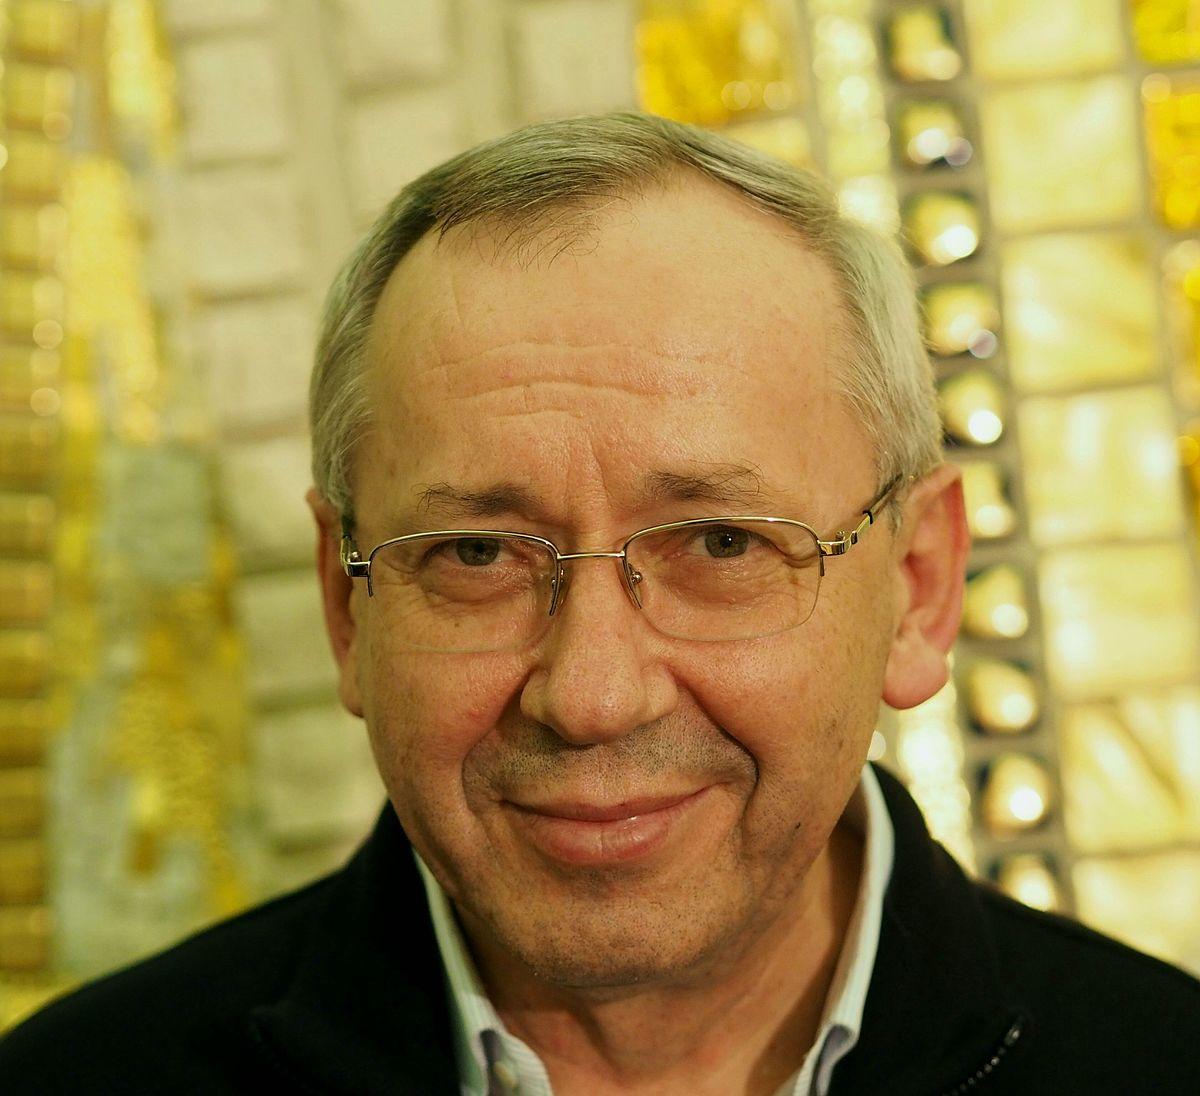 Marko Rupnik